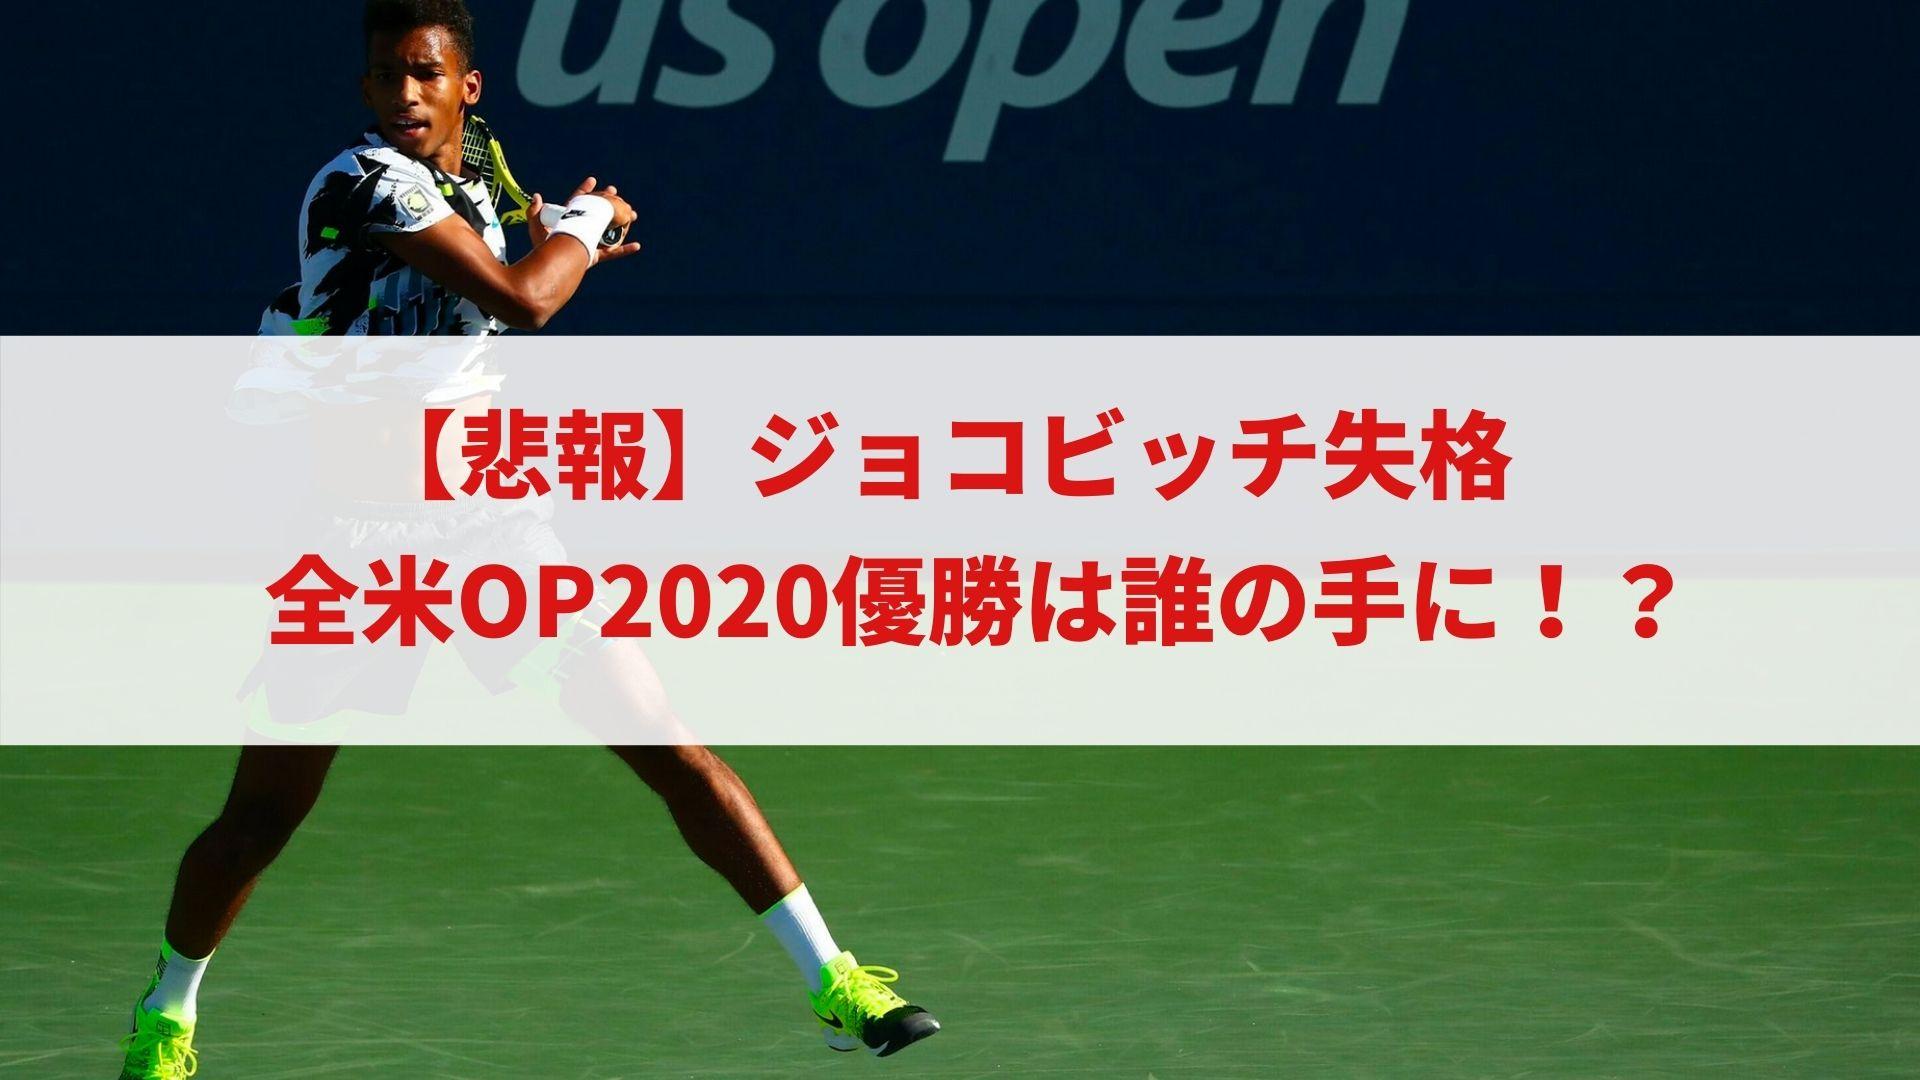 全米オープン2020の優勝者